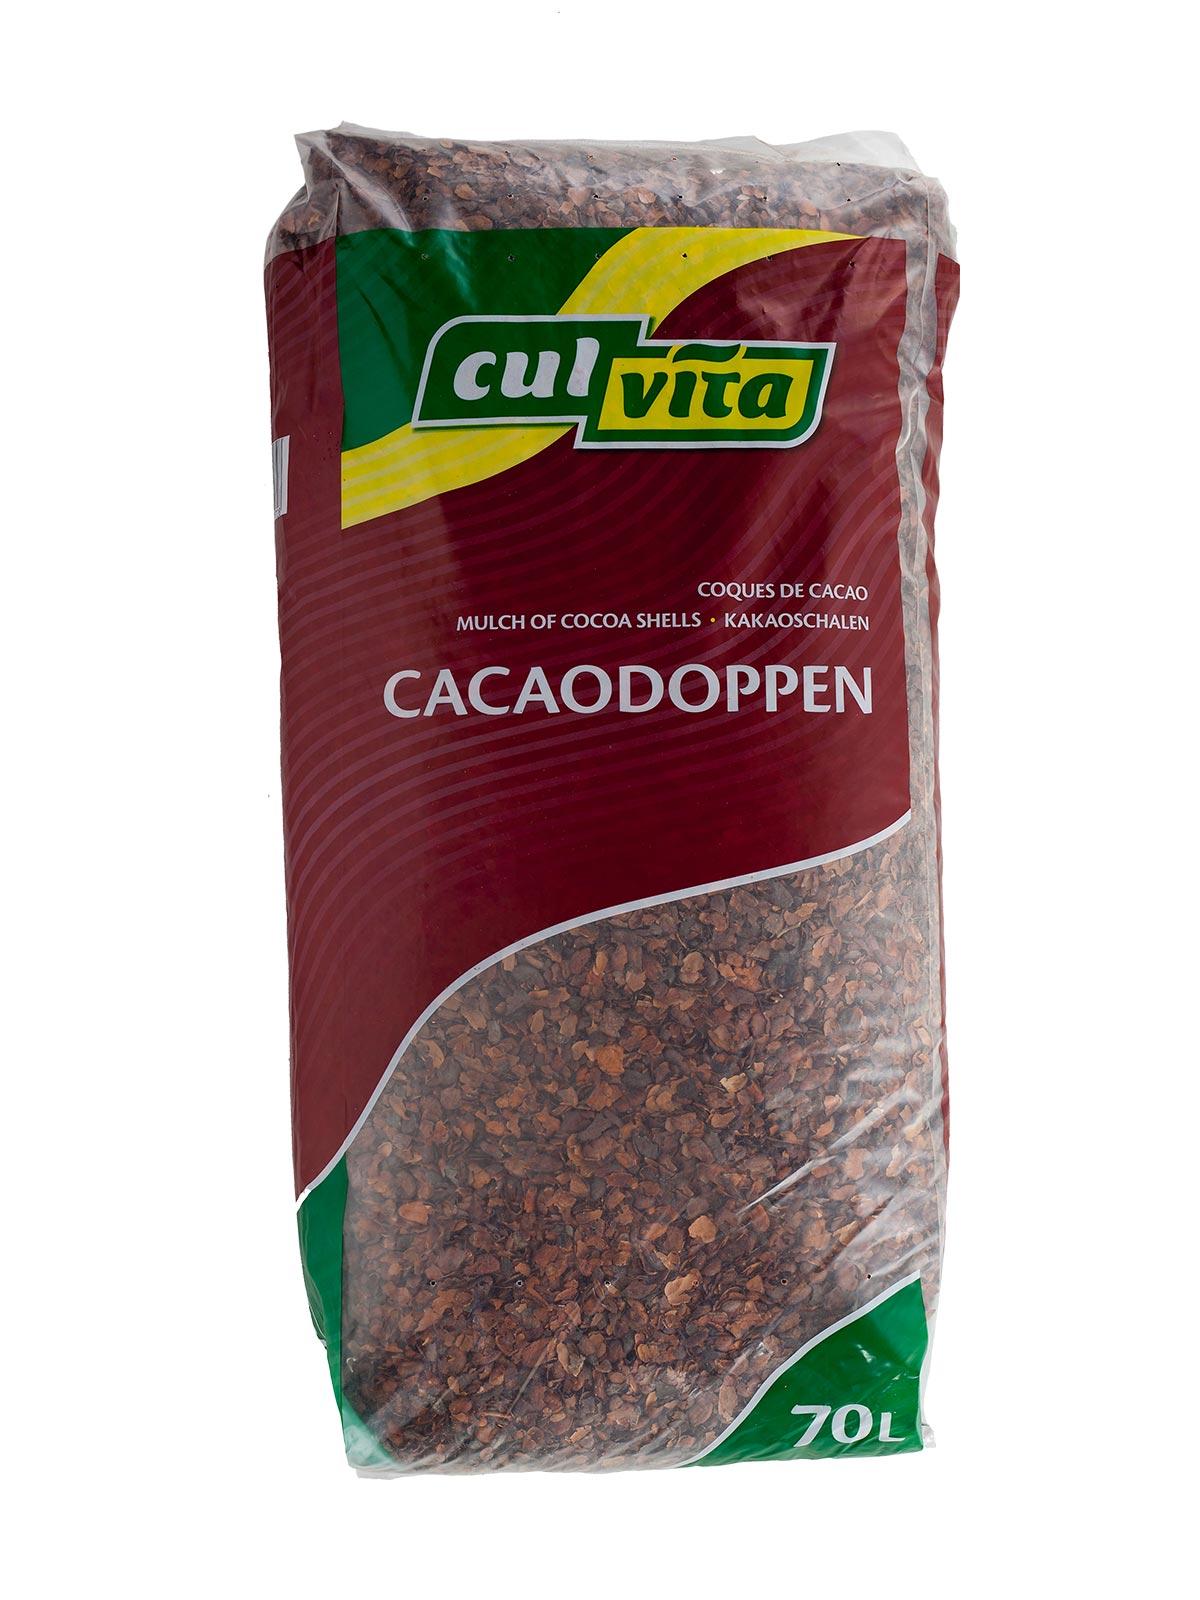 Culvita Cacaodoppen